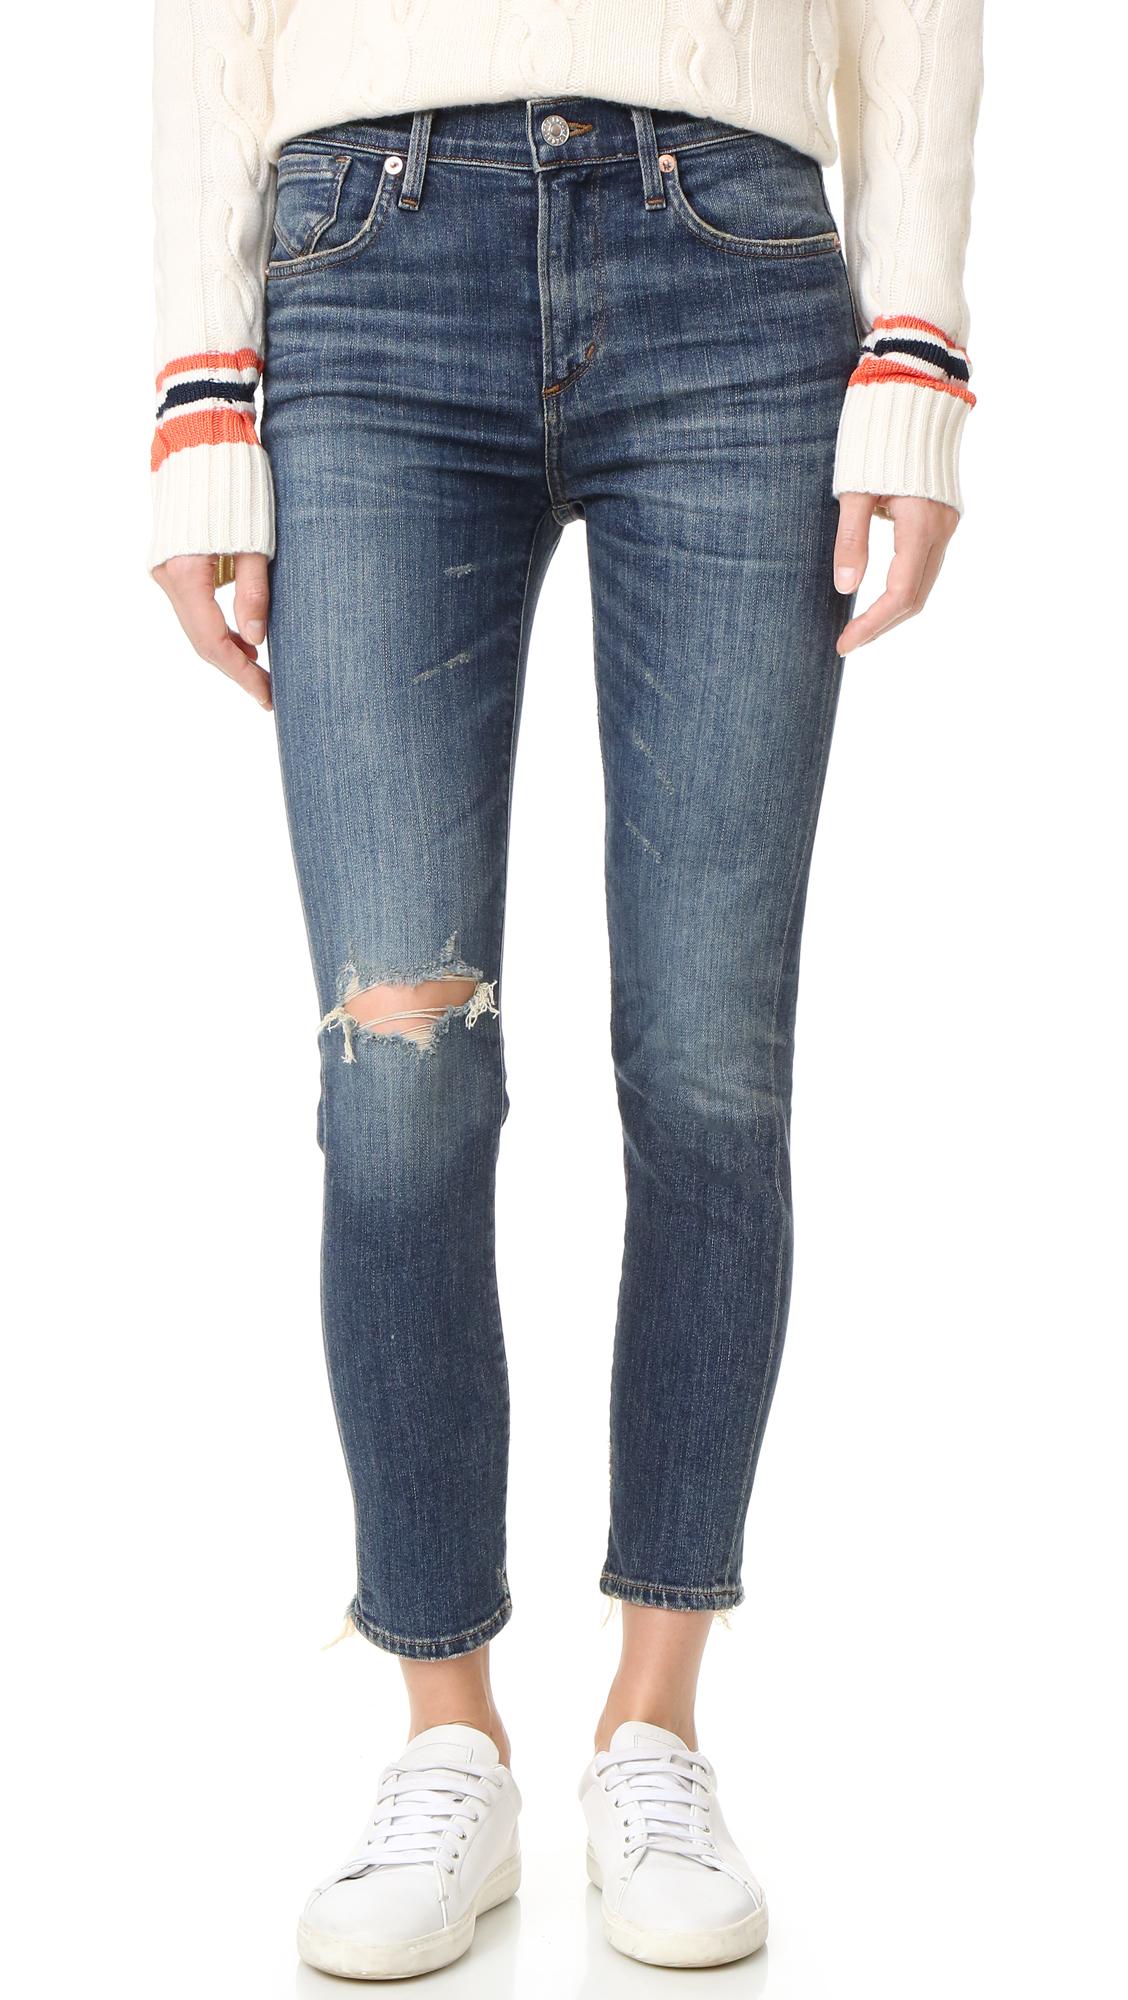 Agolde Sophie High Rise Skinny Crop Jeans - Santa Fe at Shopbop